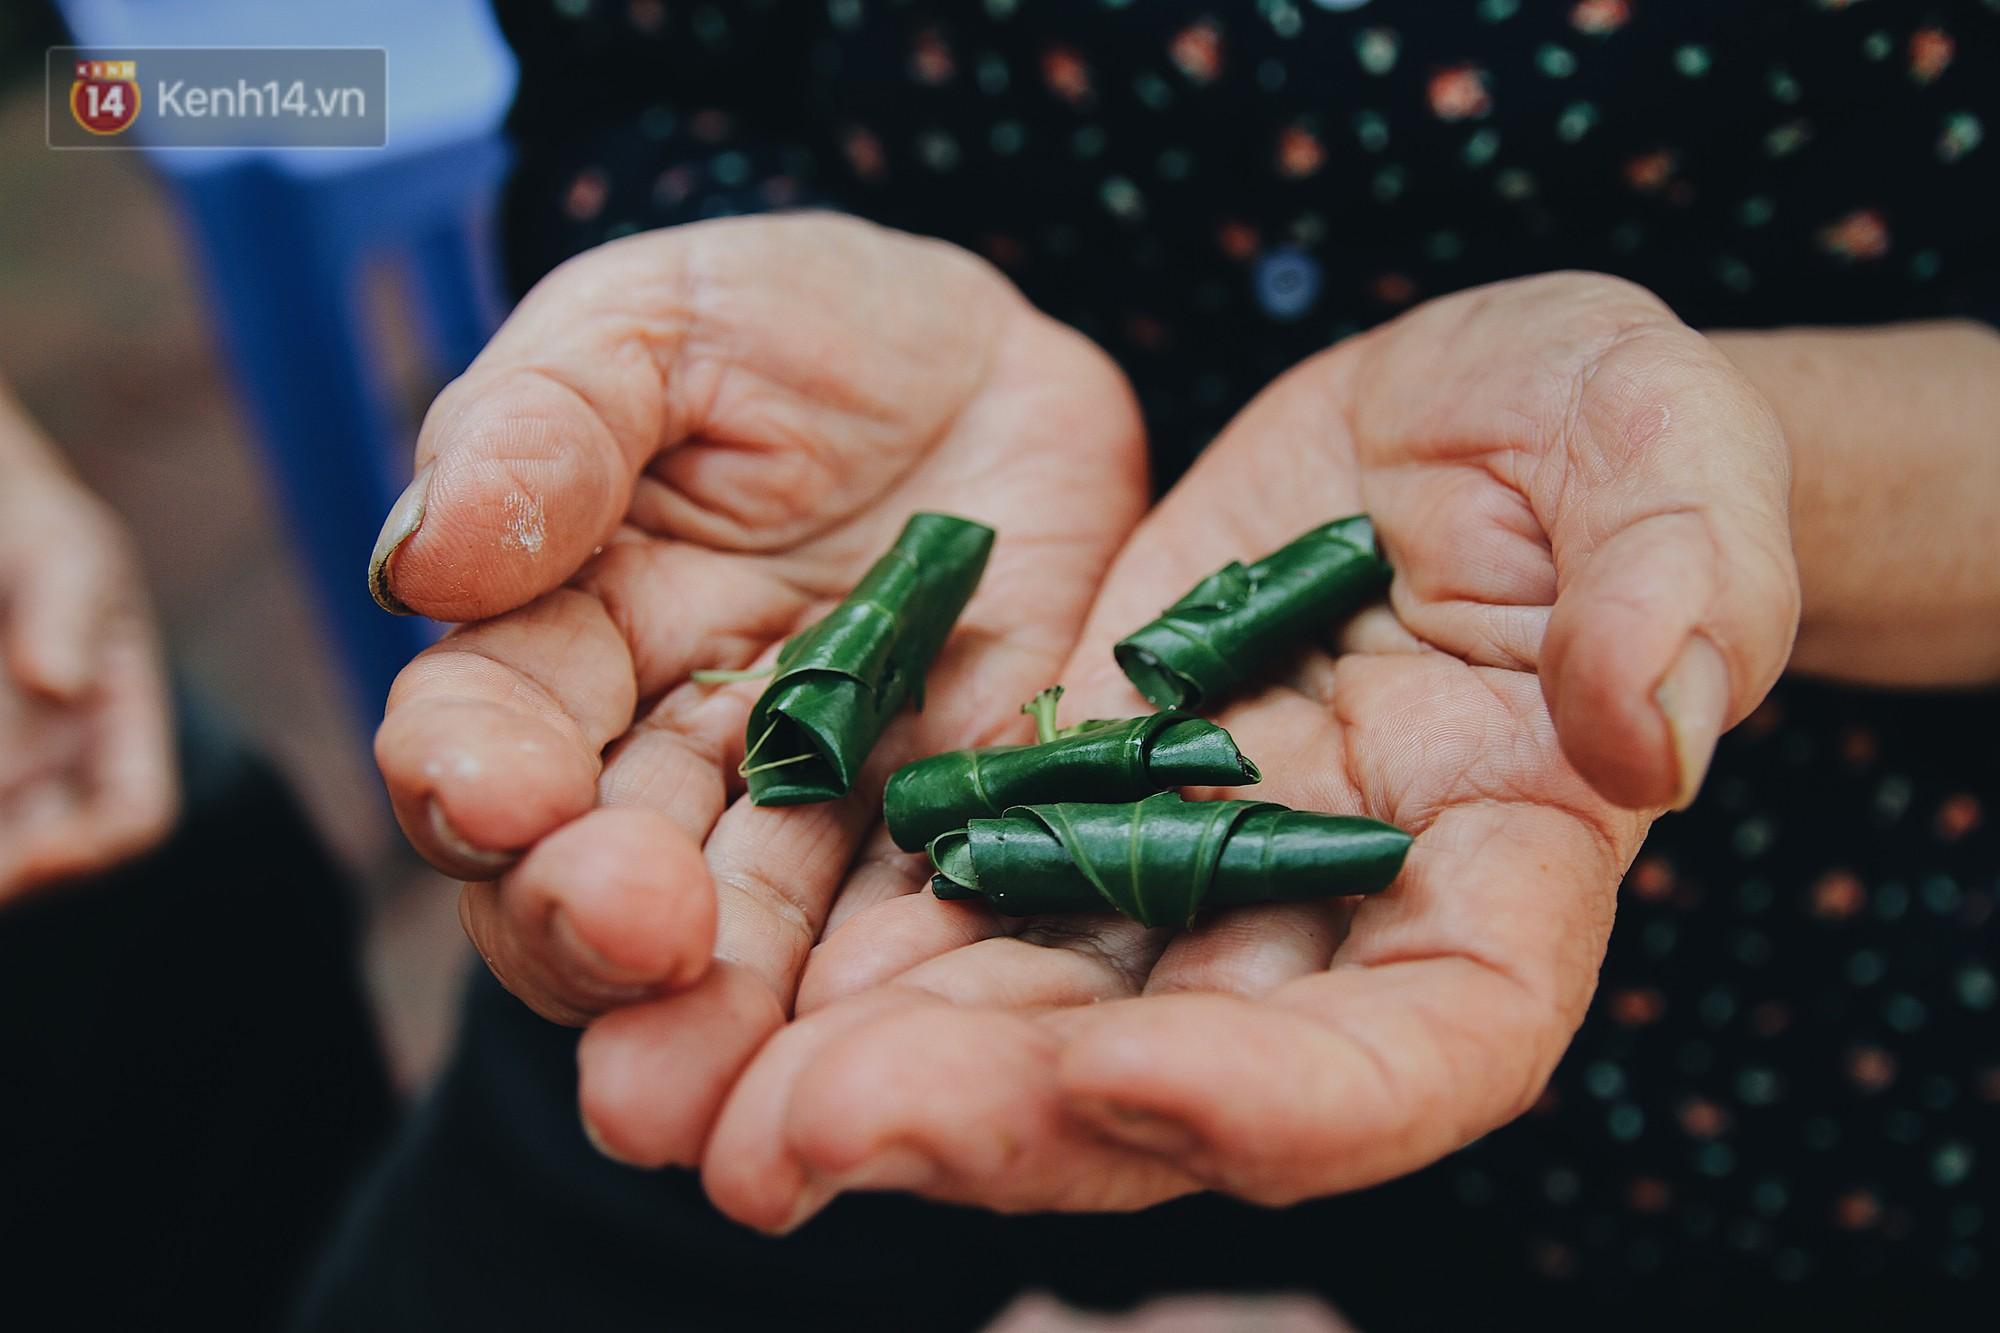 Về thăm ngôi làng ở Hà Nội có 1.000 quả cau mới cưới được vợ, người lớn trẻ nhỏ lúc nào môi cũng đỏ hồng - Ảnh 5.